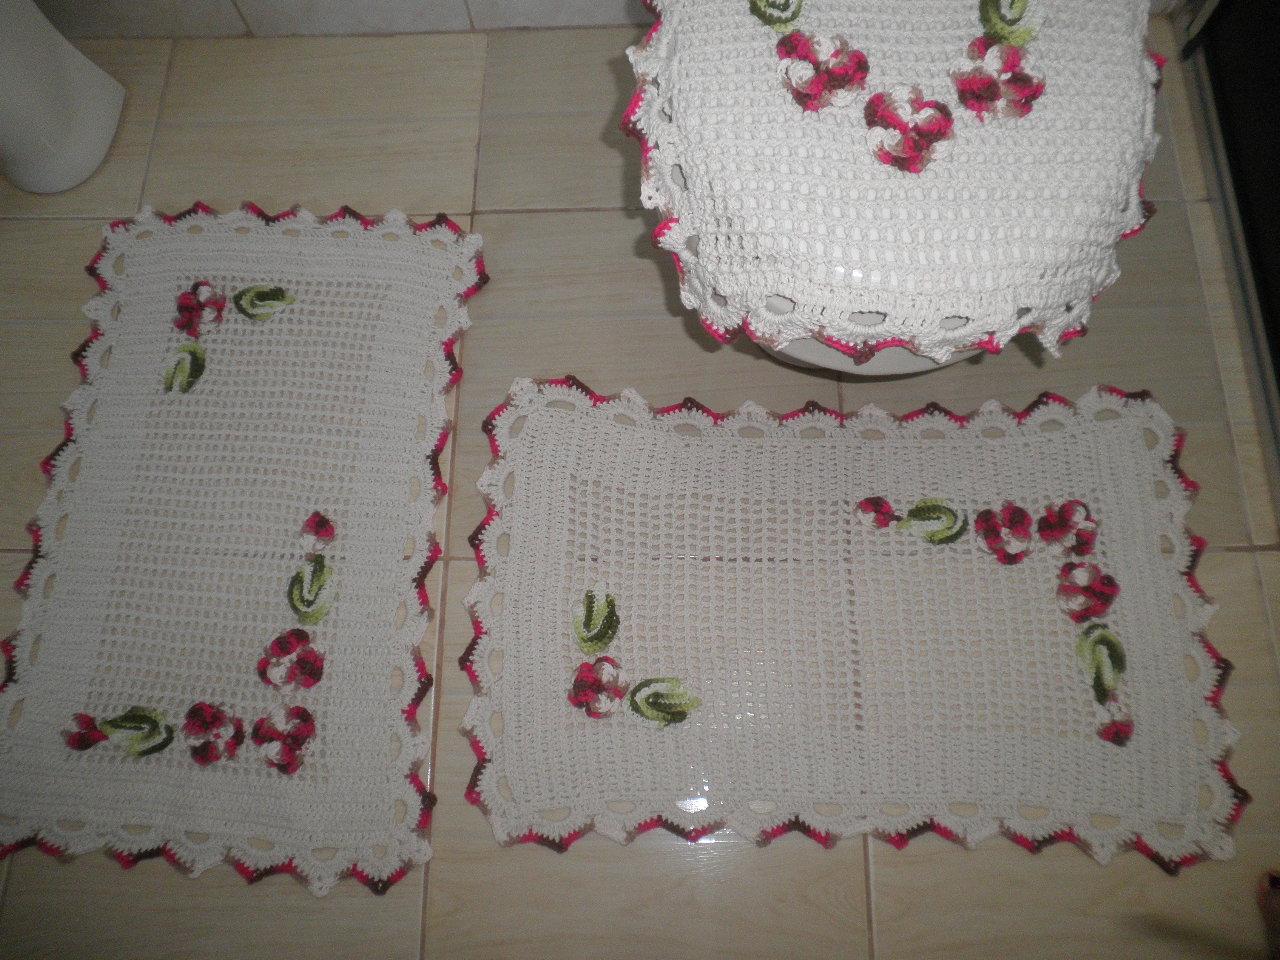 Jogo de Banheiro com flores vermelhas ~ Nena Artesanatos #9C2F52 1280x960 Banheiro Com Azulejo De Flores